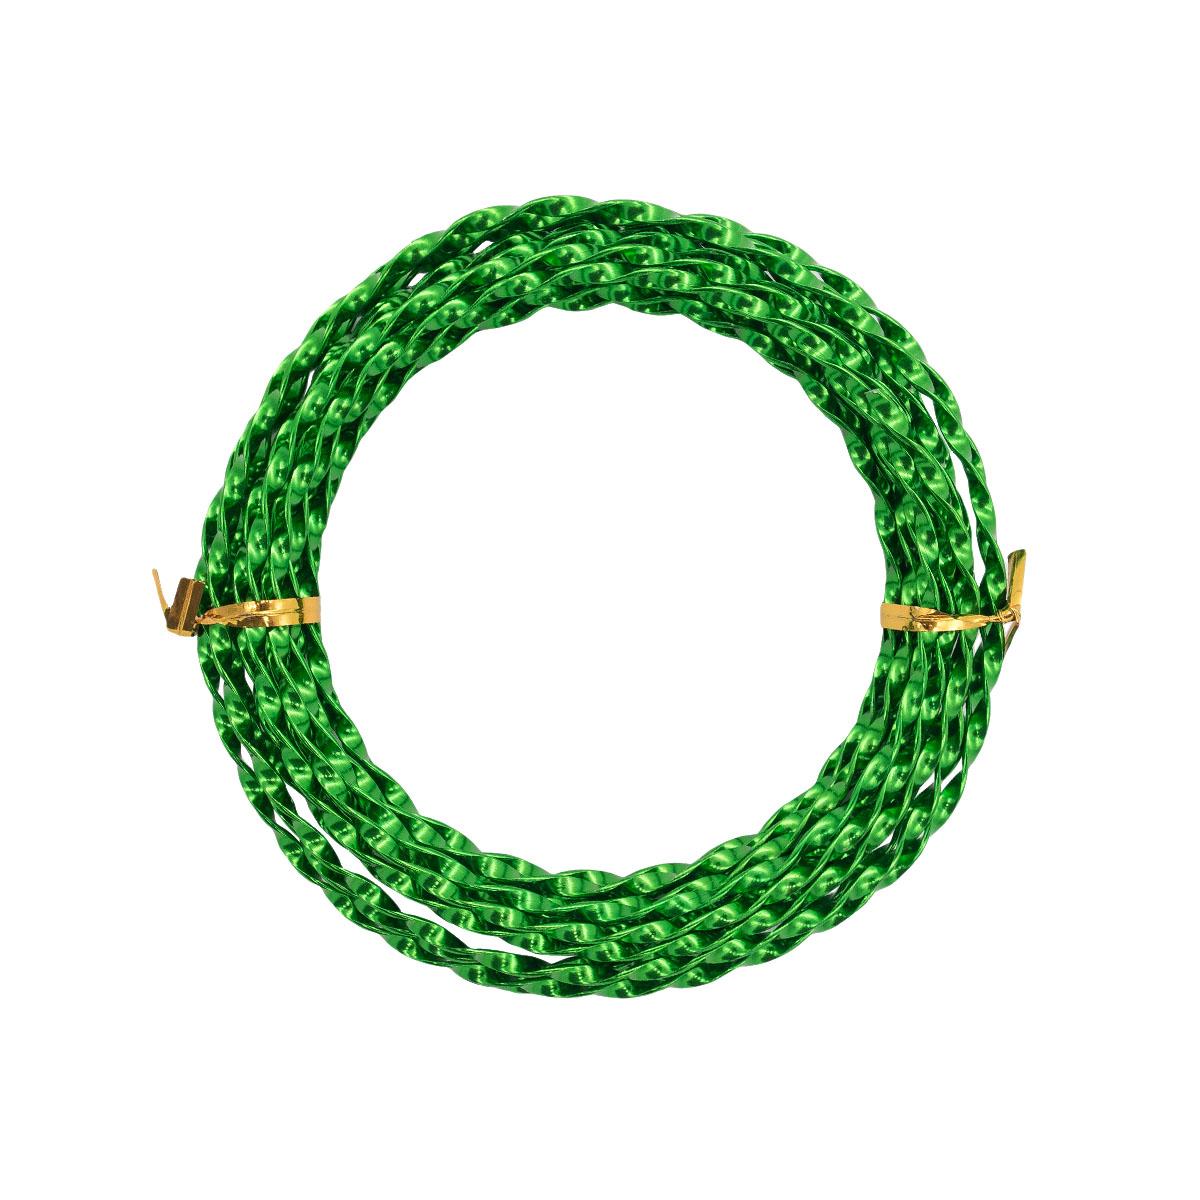 Проволока крученая, 3 мм*5 м, 'Астра' (025 зеленый) фото